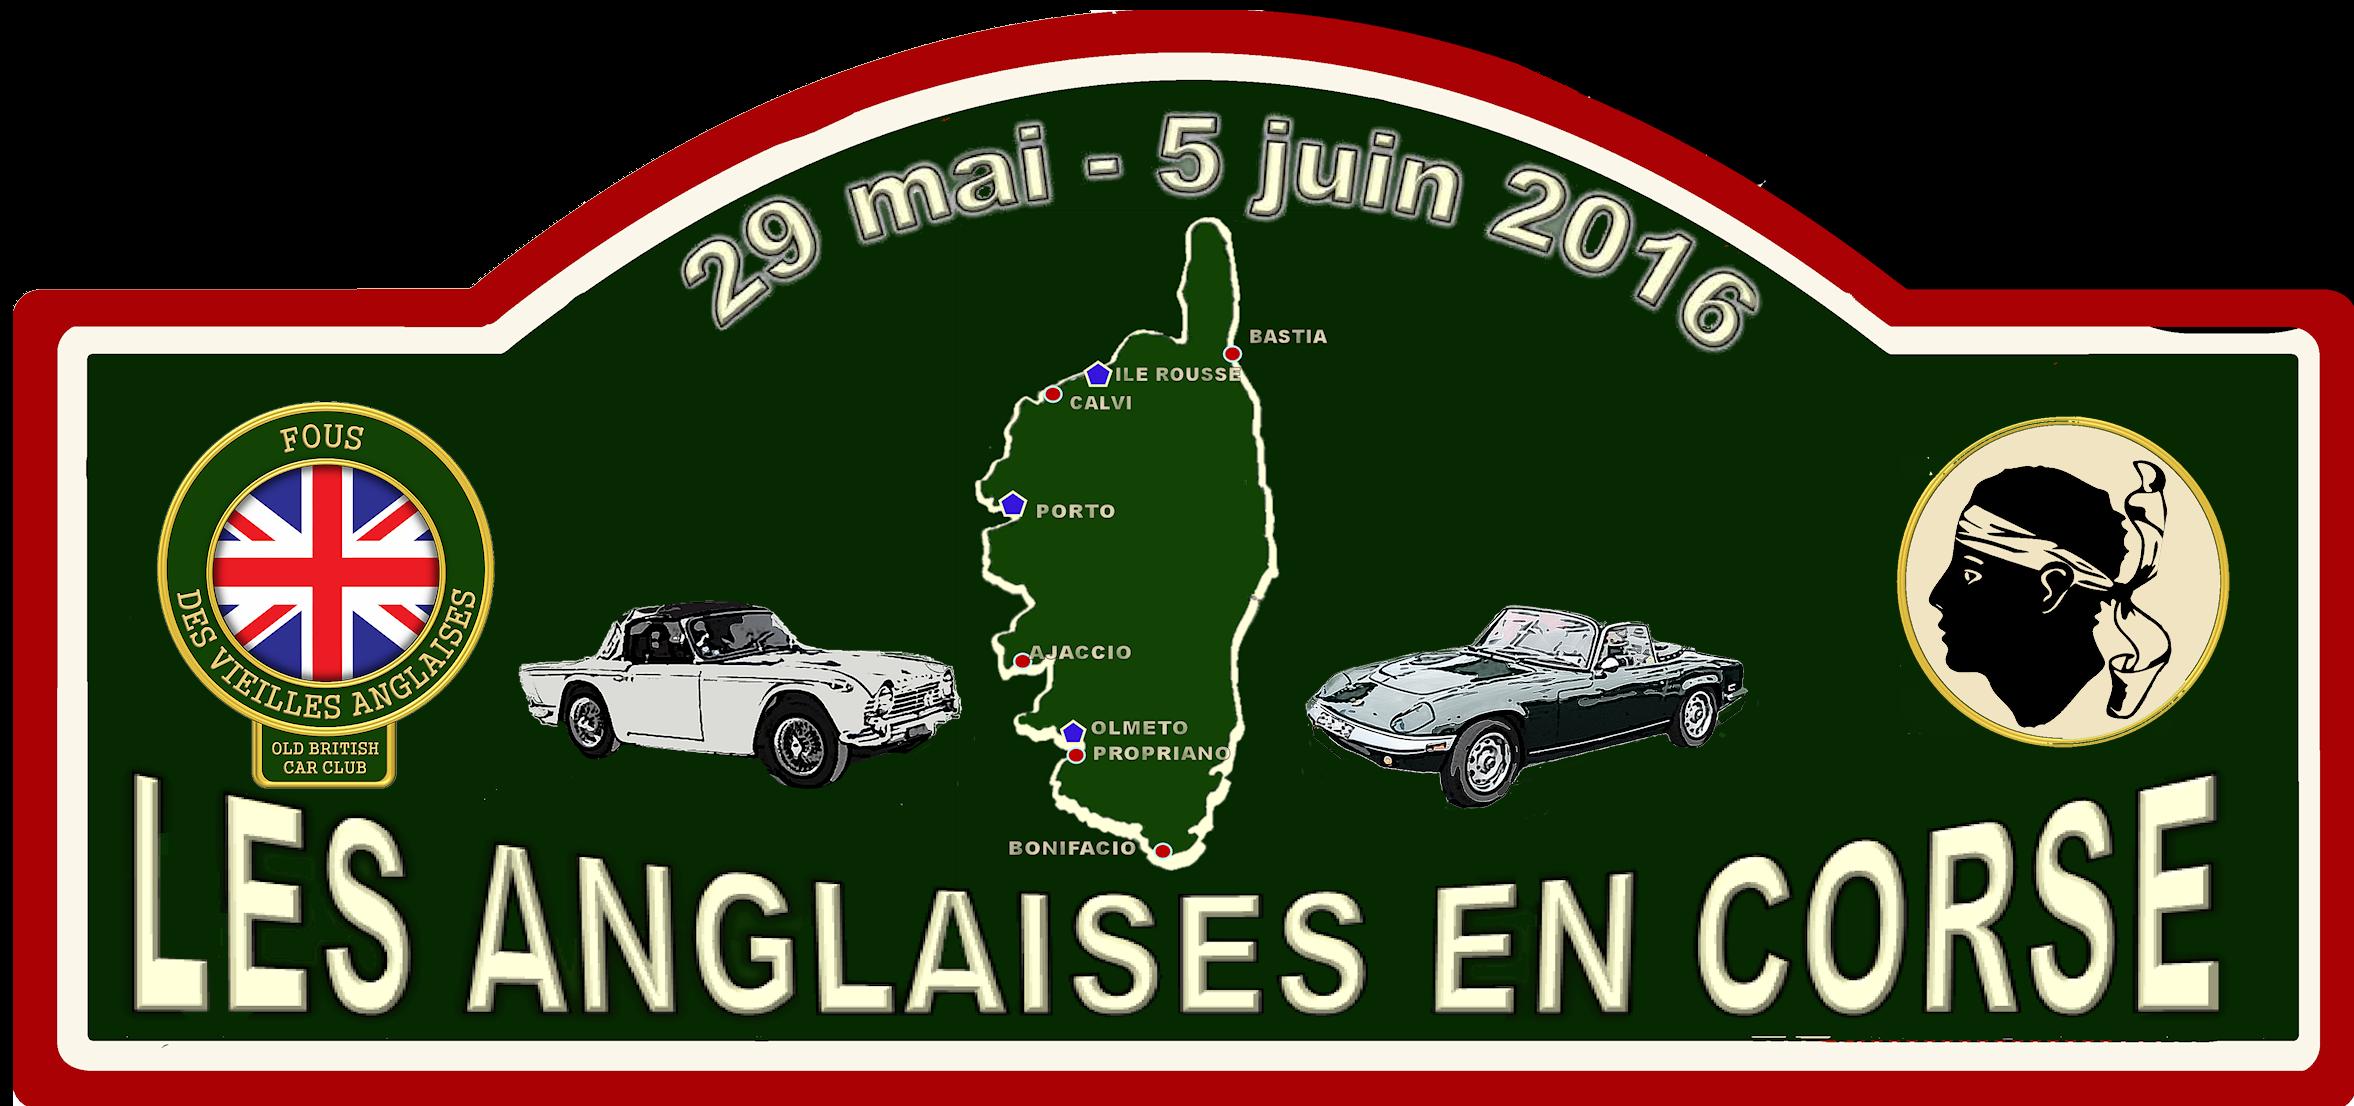 Plaque de rallye EN CORSE v7